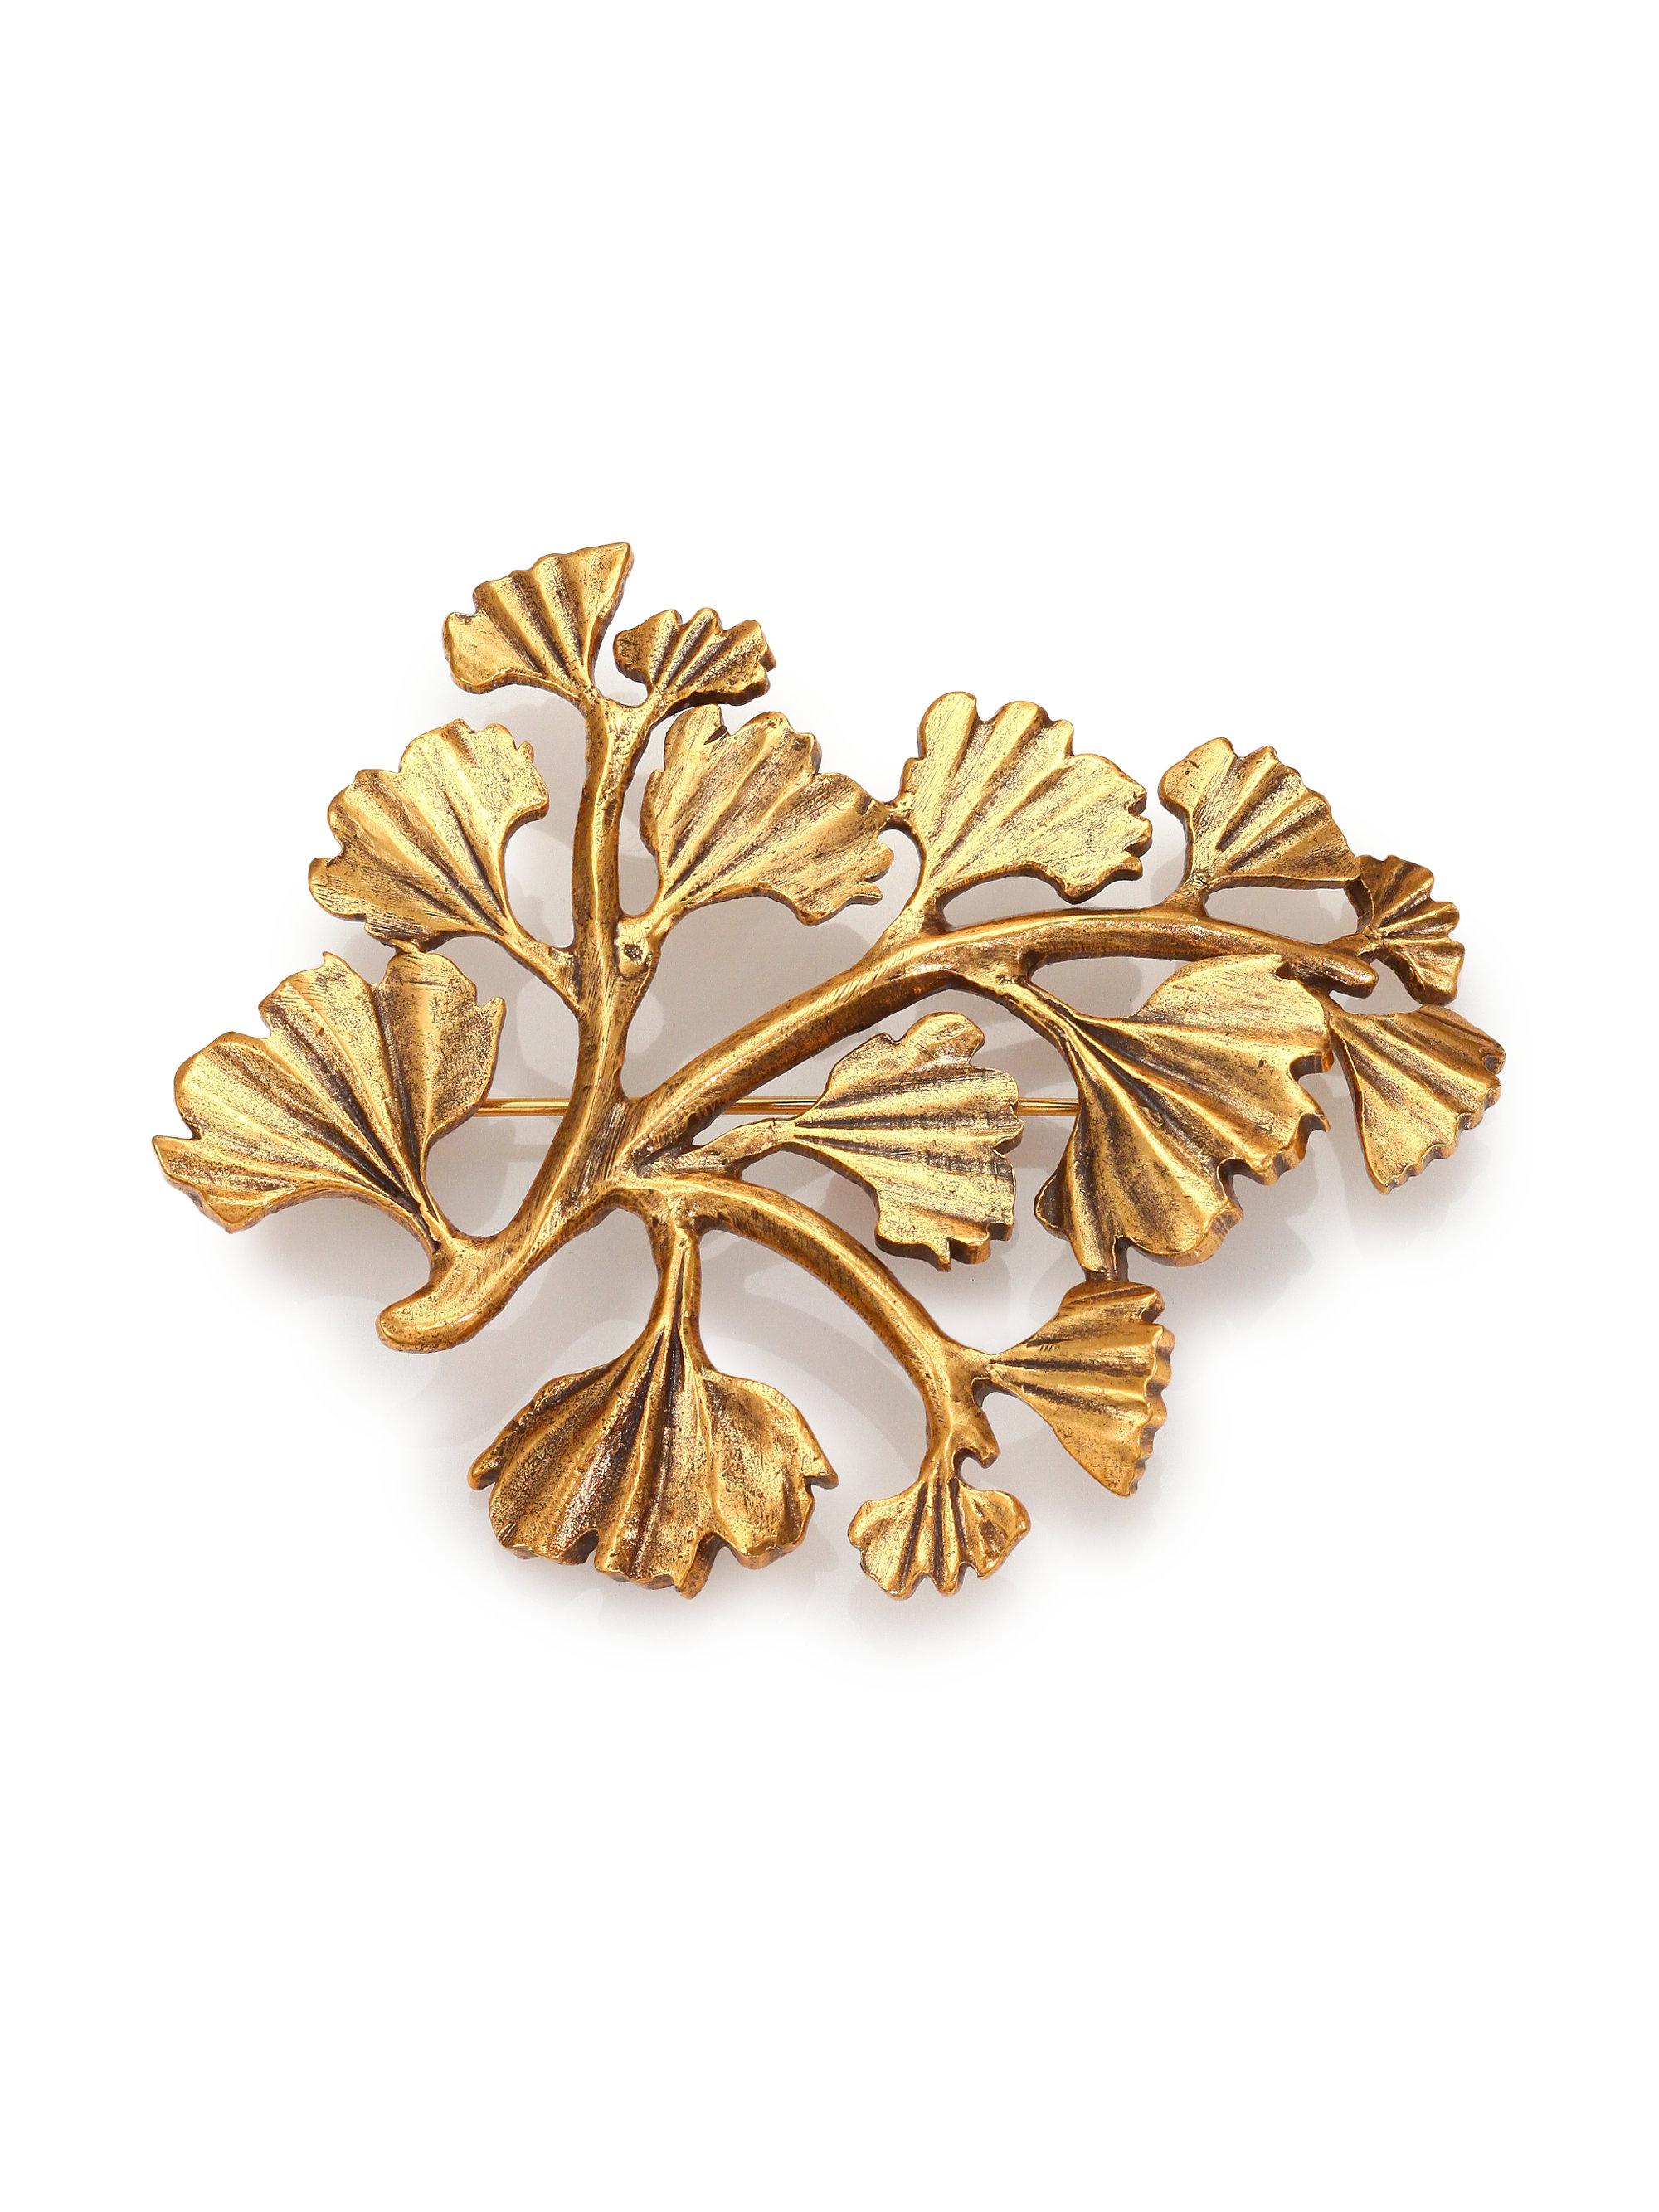 Oscar De La Renta Coral Branch Crystal Brooch 3fI4oZ